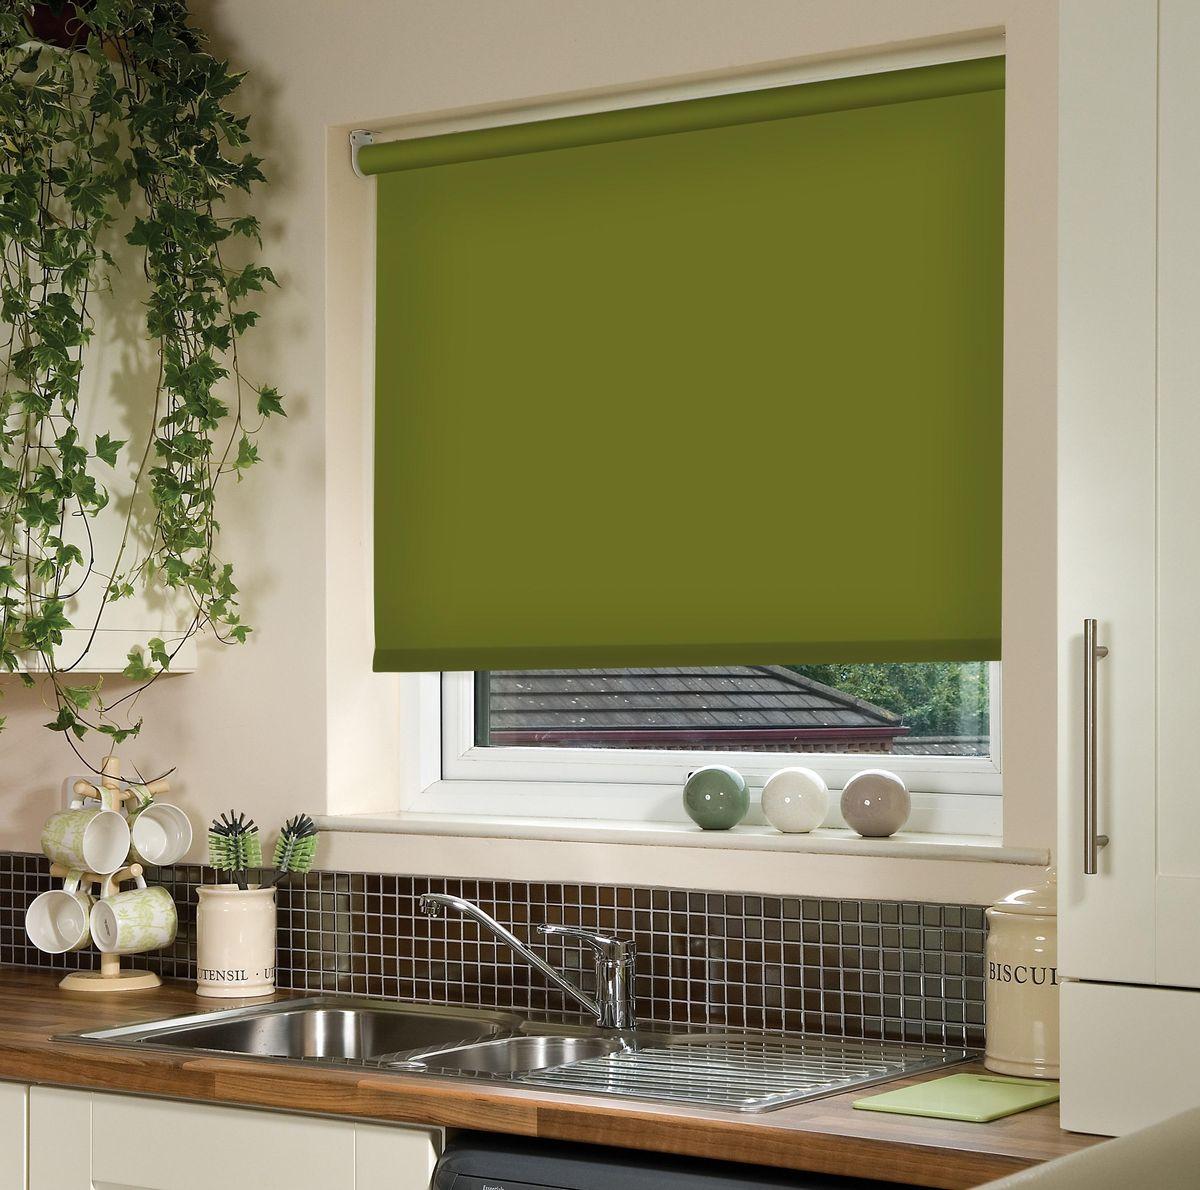 Штора рулонная Эскар, цвет: темно-оливковый, ширина 140 см, высота 170 смS03301004Рулонными шторами можно оформлять окна как самостоятельно, так и использовать в комбинации с портьерами. Это поможет предотвратить выгорание дорогой ткани на солнце и соединит функционал рулонных с красотой навесных.Преимущества применения рулонных штор для пластиковых окон:- имеют прекрасный внешний вид: многообразие и фактурность материала изделия отлично смотрятся в любом интерьере; - многофункциональны: есть возможность подобрать шторы способные эффективно защитить комнату от солнца, при этом о на не будет слишком темной. - Есть возможность осуществить быстрый монтаж. ВНИМАНИЕ! Размеры ширины изделия указаны по ширине ткани!Во время эксплуатации не рекомендуется полностью разматывать рулон, чтобы не оторвать ткань от намоточного вала.В случае загрязнения поверхности ткани, чистку шторы проводят одним из способов, в зависимости от типа загрязнения: легкое поверхностное загрязнение можно удалить при помощи канцелярского ластика; чистка от пыли производится сухим методом при помощи пылесоса с мягкой щеткой-насадкой; для удаления пятна используйте мягкую губку с пенообразующим неагрессивным моющим средством или пятновыводитель на натуральной основе (нельзя применять растворители).